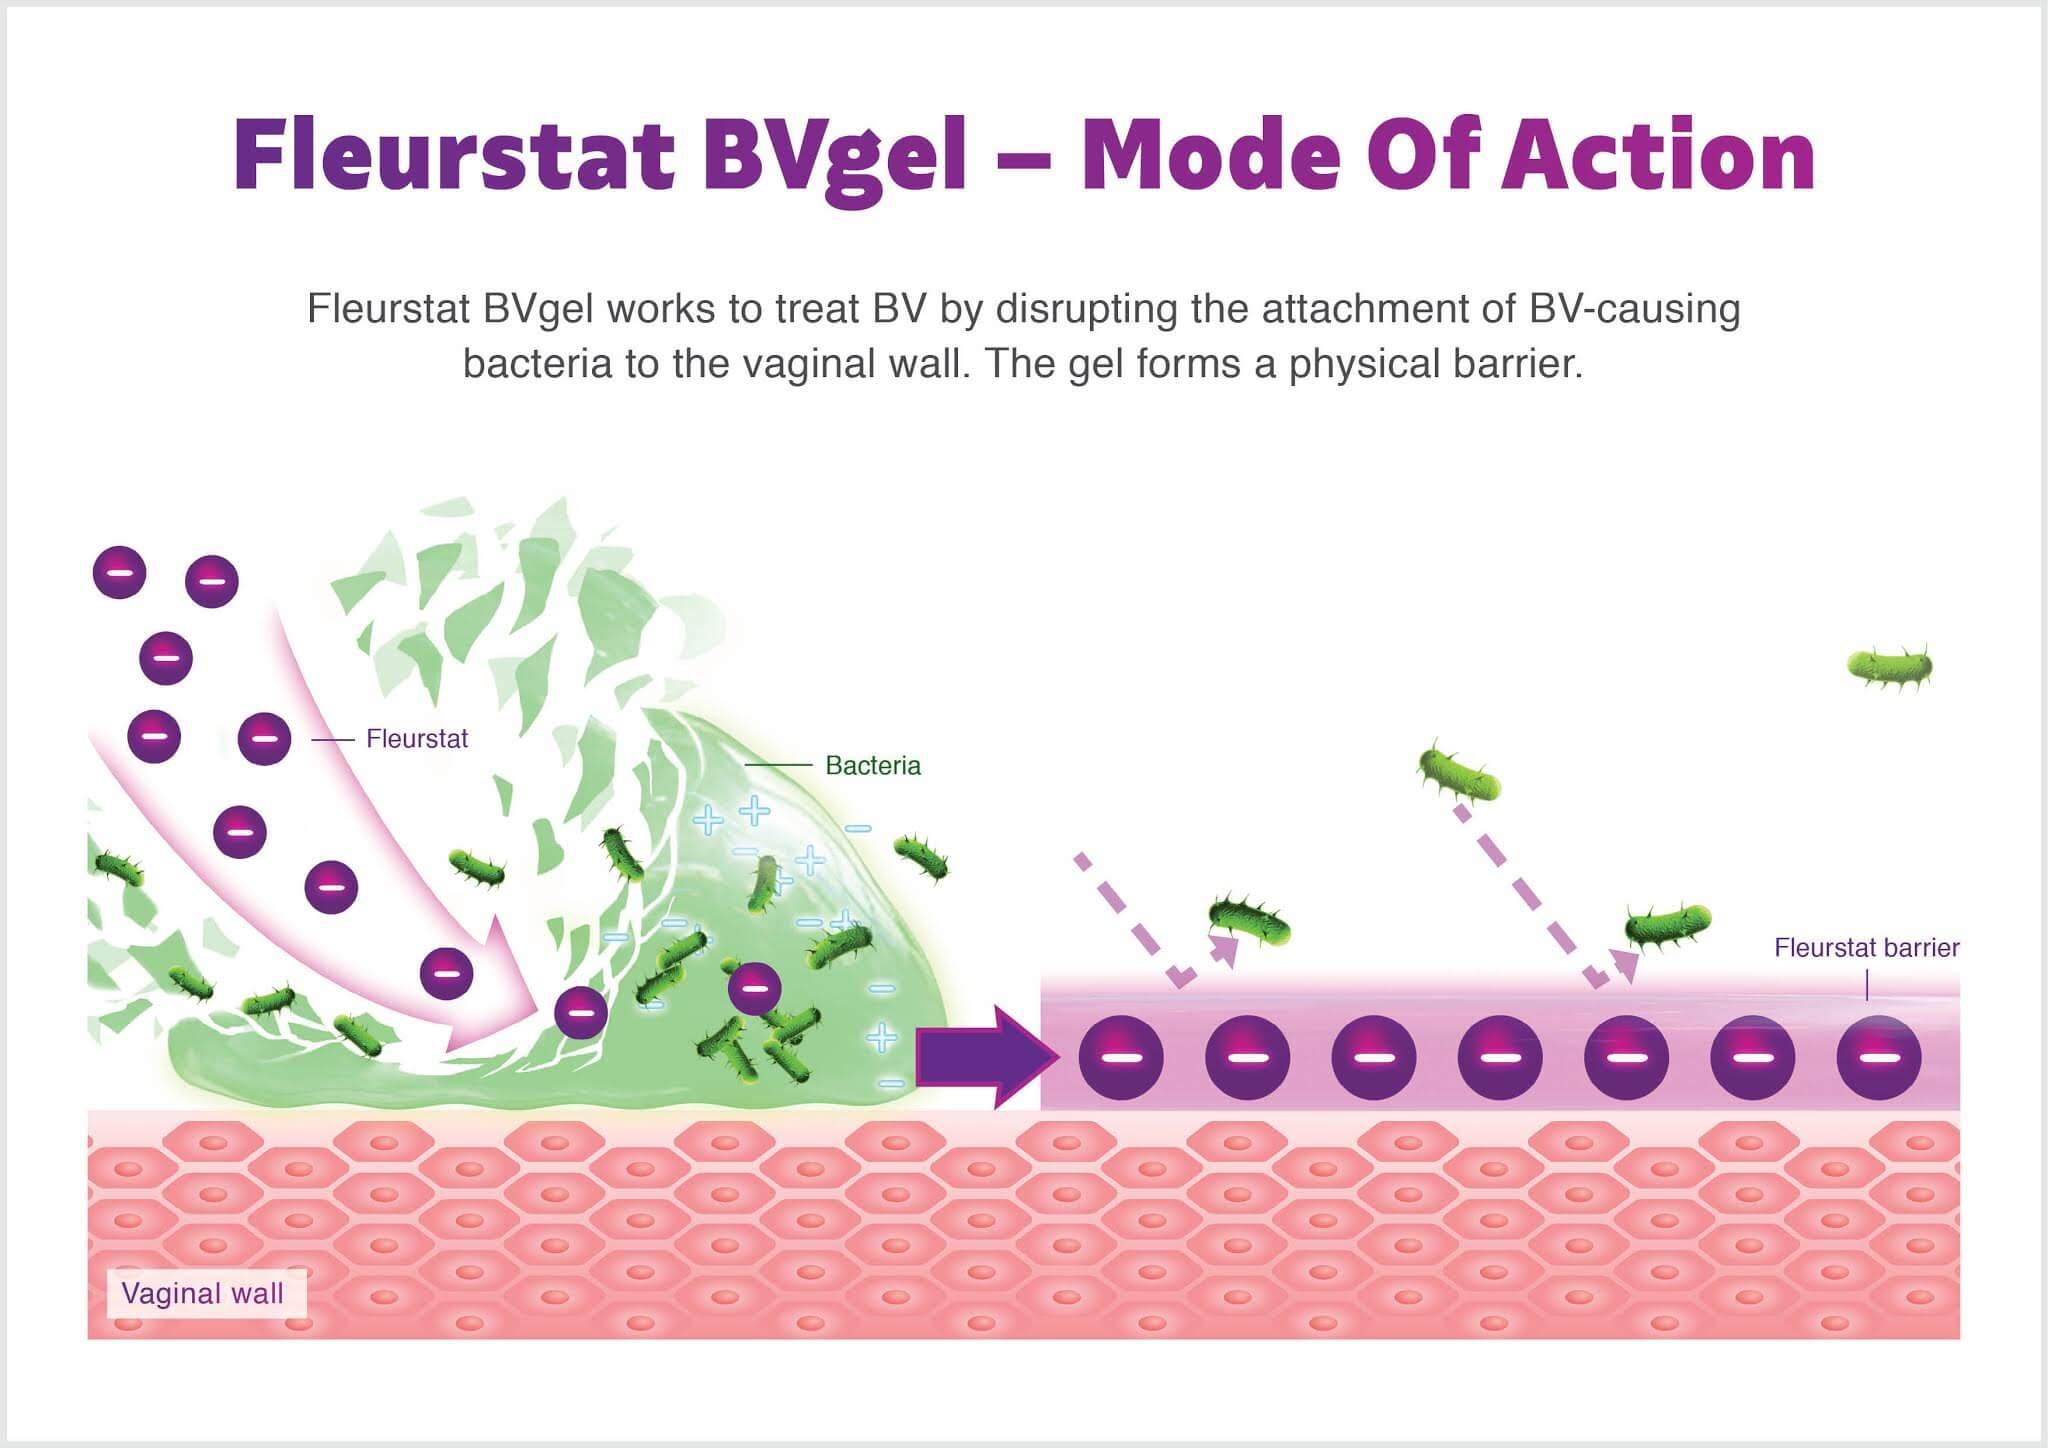 Fleurstat BV Gel mode of action - how Fleurstat works